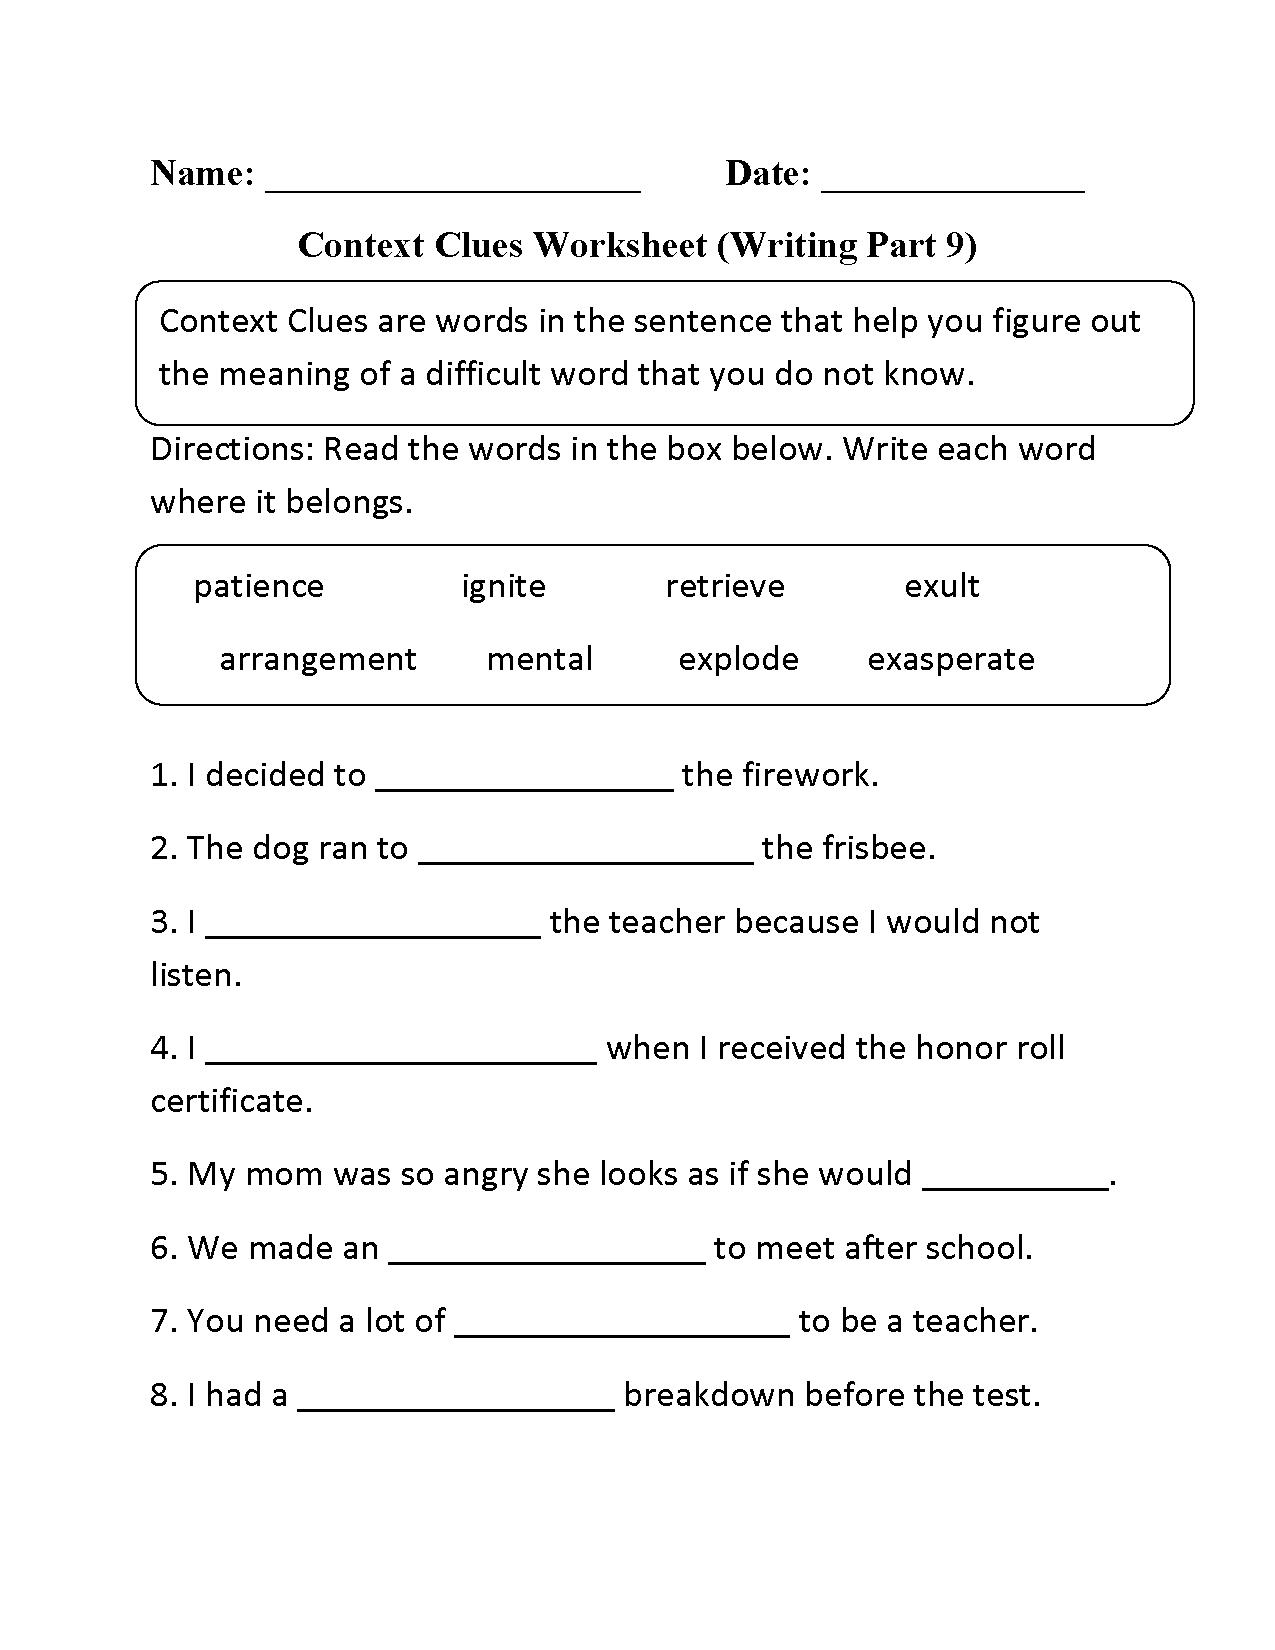 Englishlinx.com   Context Clues Worksheets   Context clues worksheets [ 1650 x 1275 Pixel ]